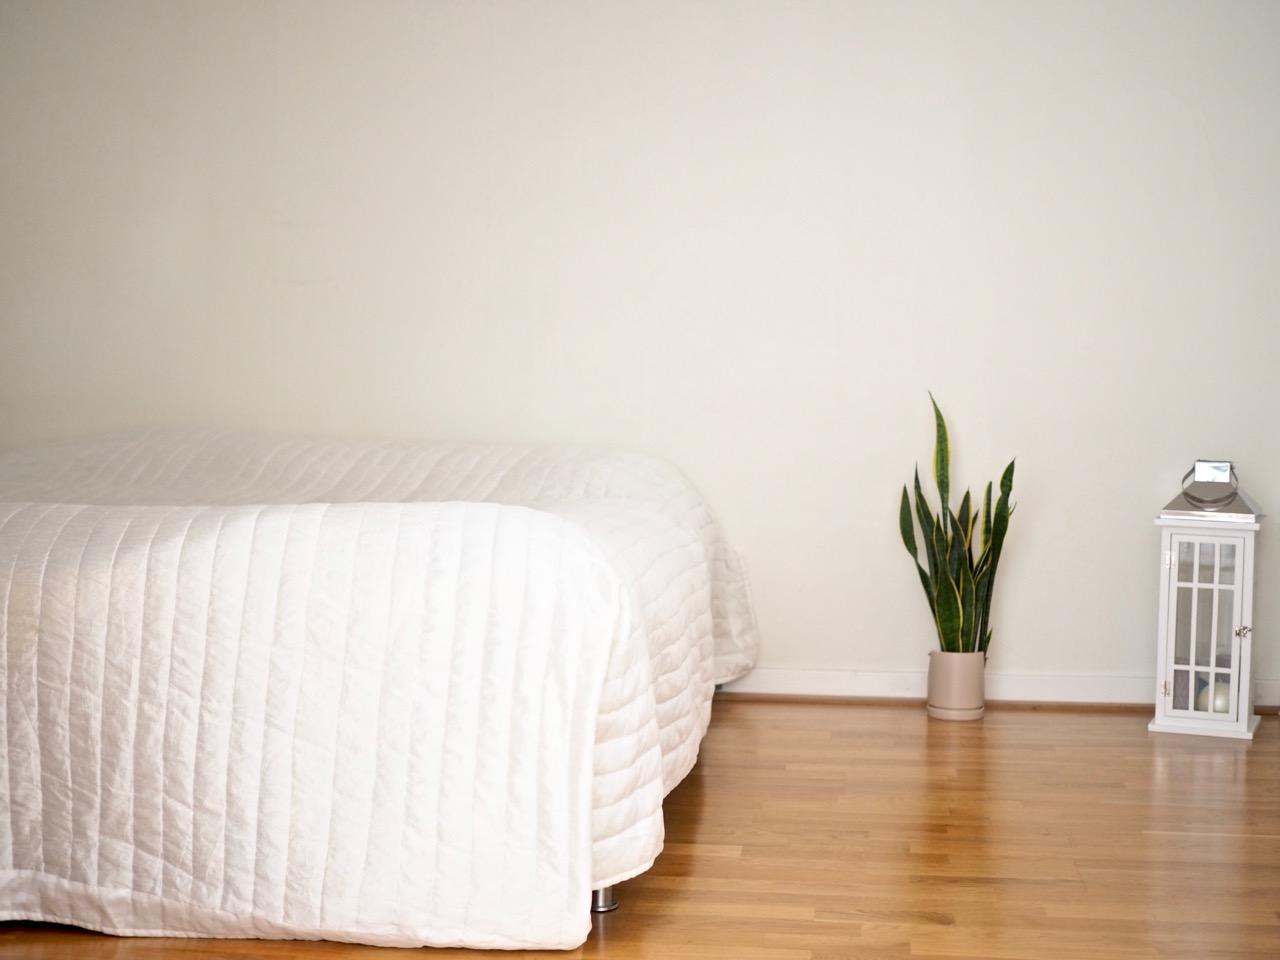 Minimalistinen makuuhuone yksi huonekalu Virve Fredman Ostolakossa